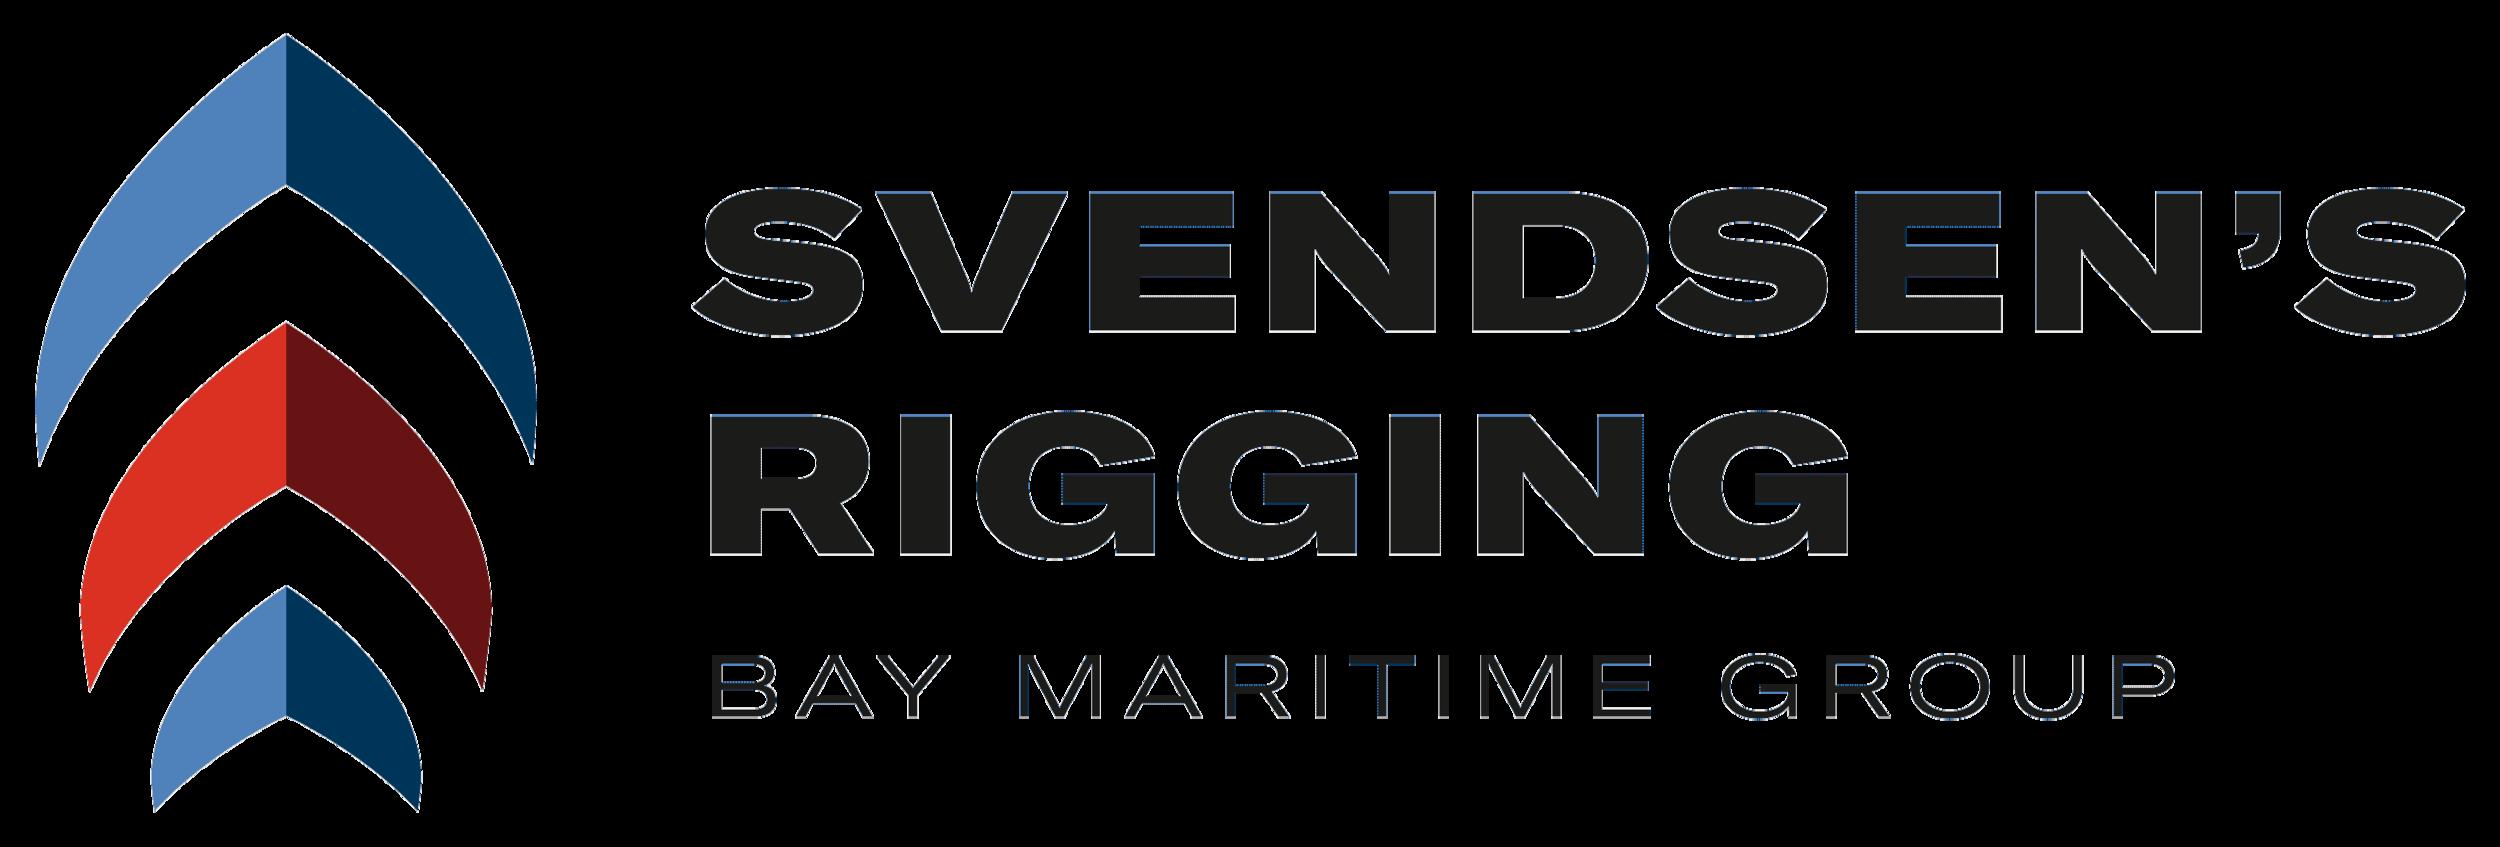 BMN0001_SvendsensRigging_logo_RGB.png